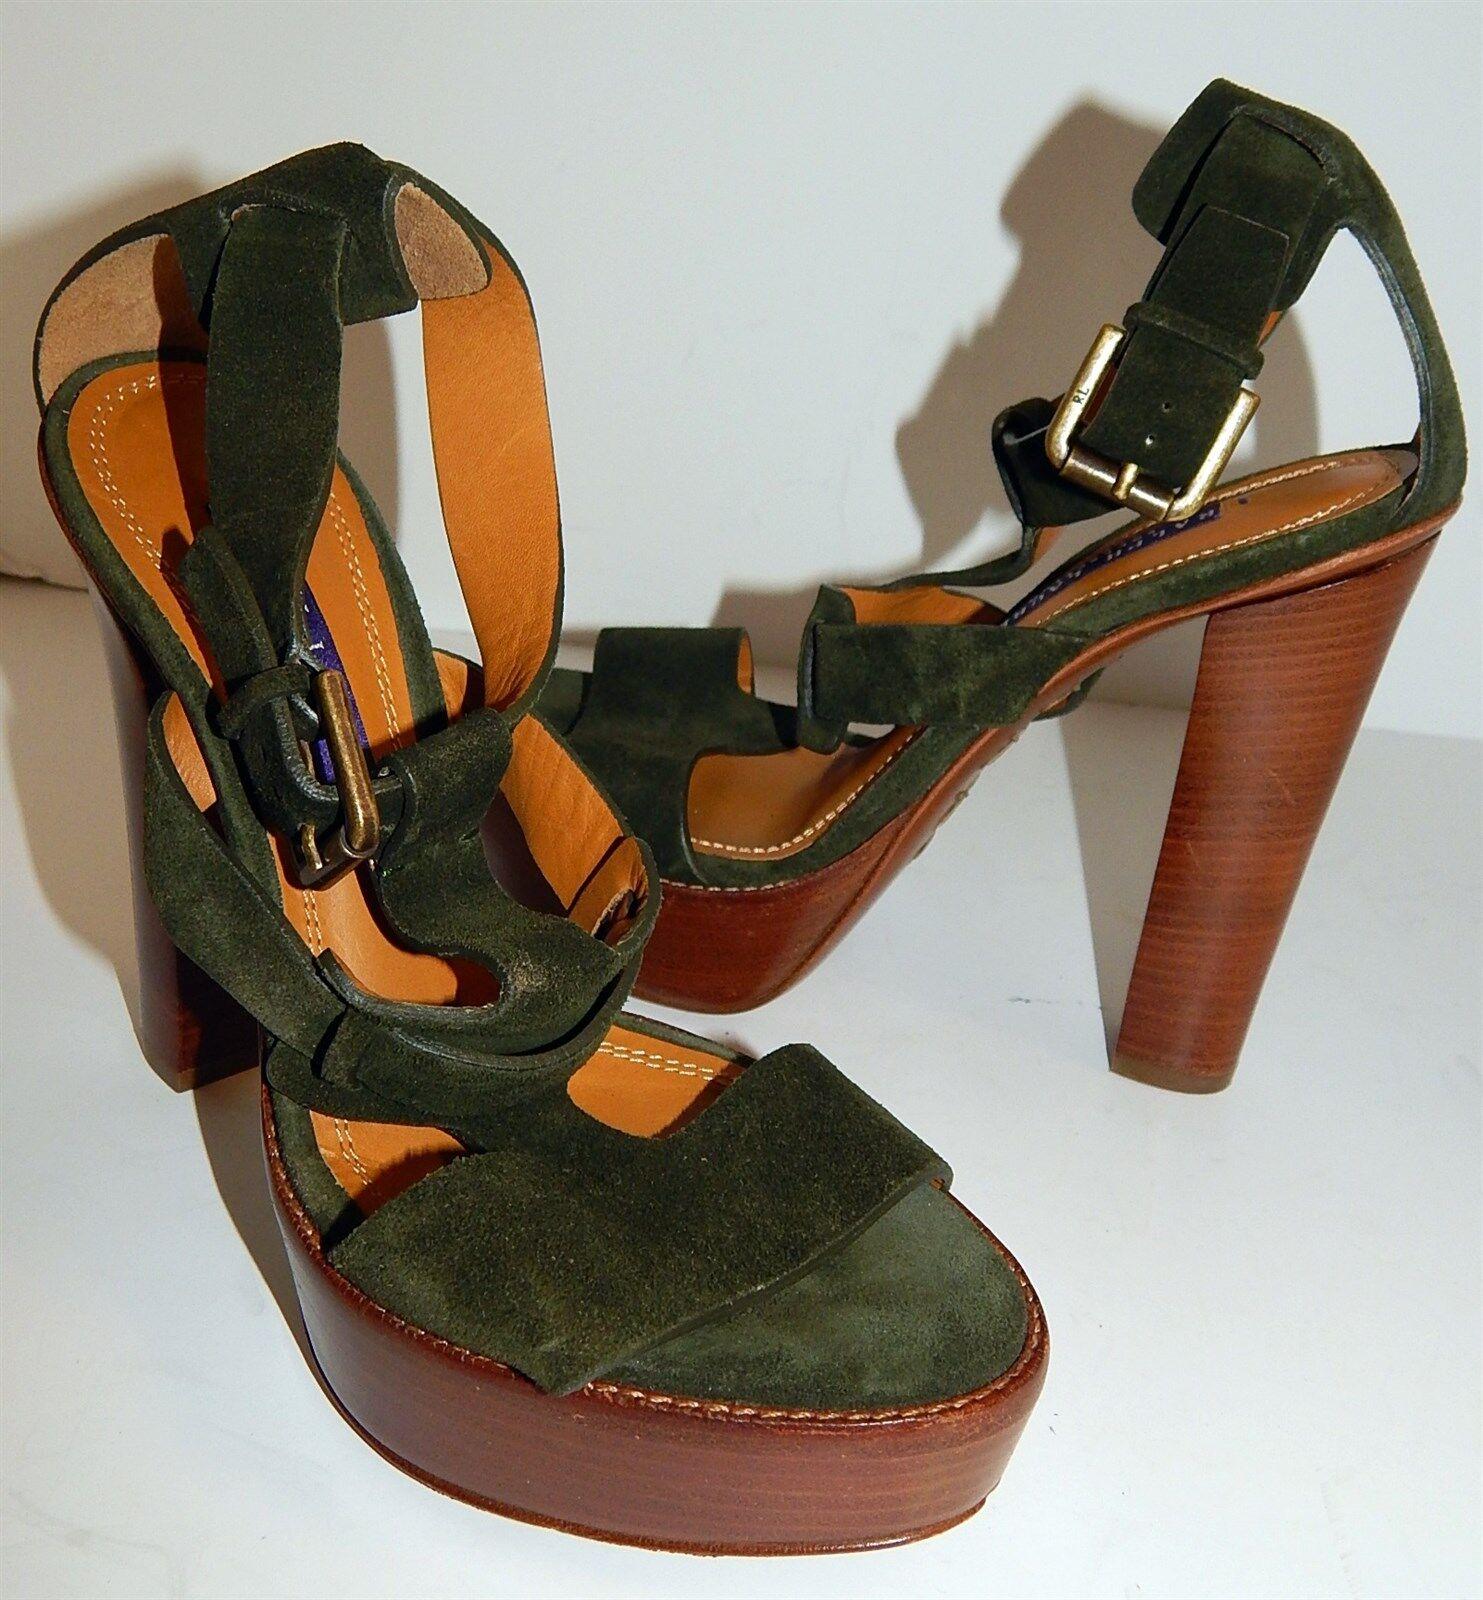 Ralph Lauren Sherise Deep Green Suede Leather Platform Heels Heels Heels 36 5.5 B  695rt 025f92